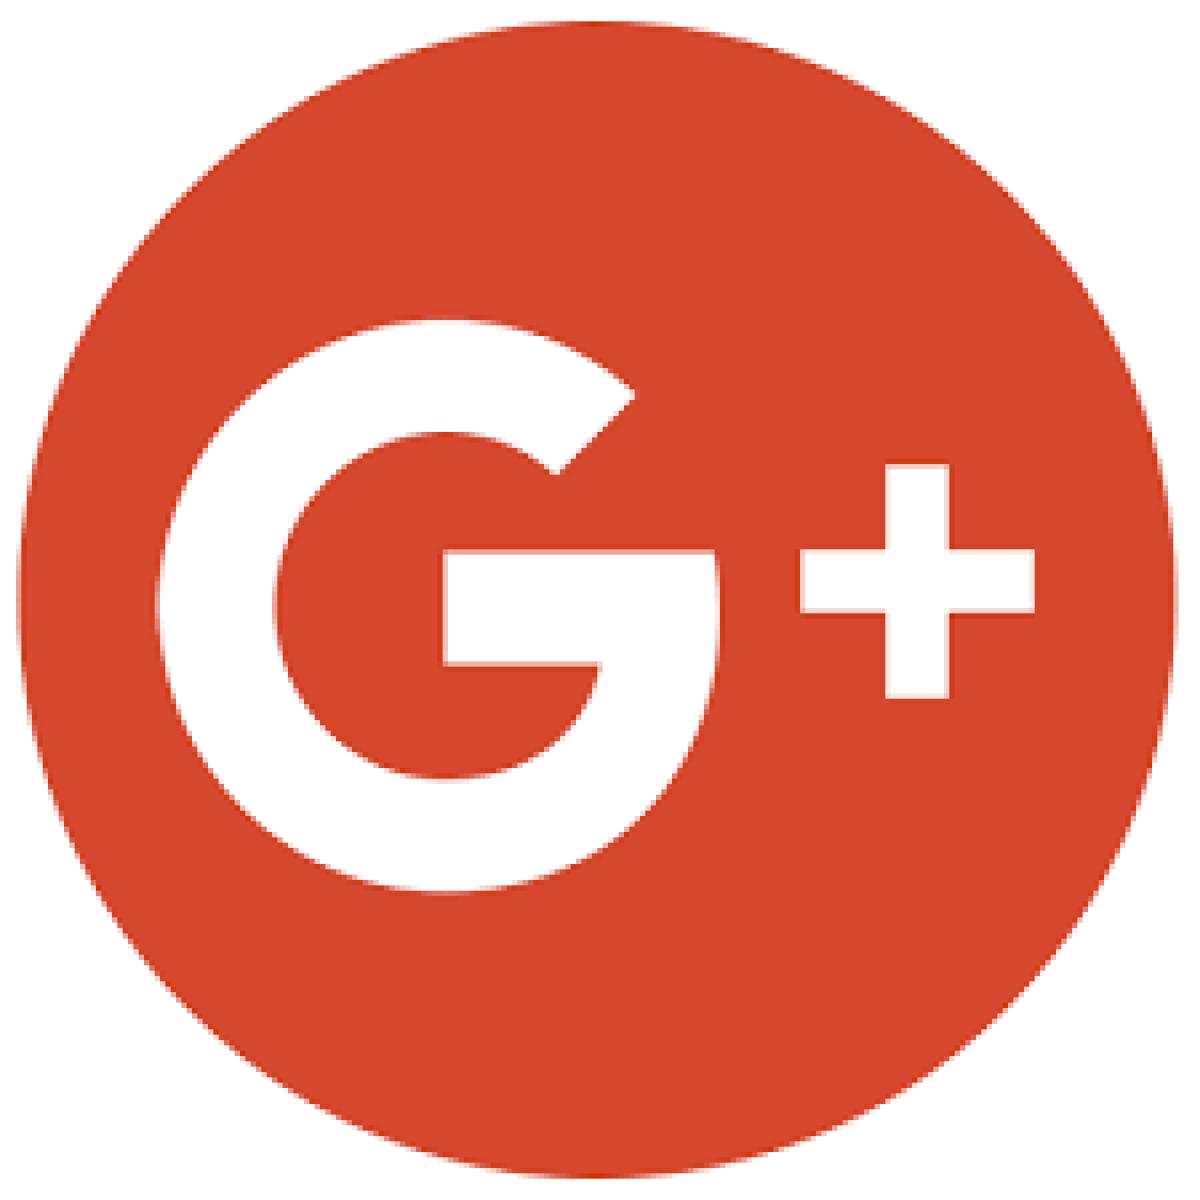 Notre page Google Plus